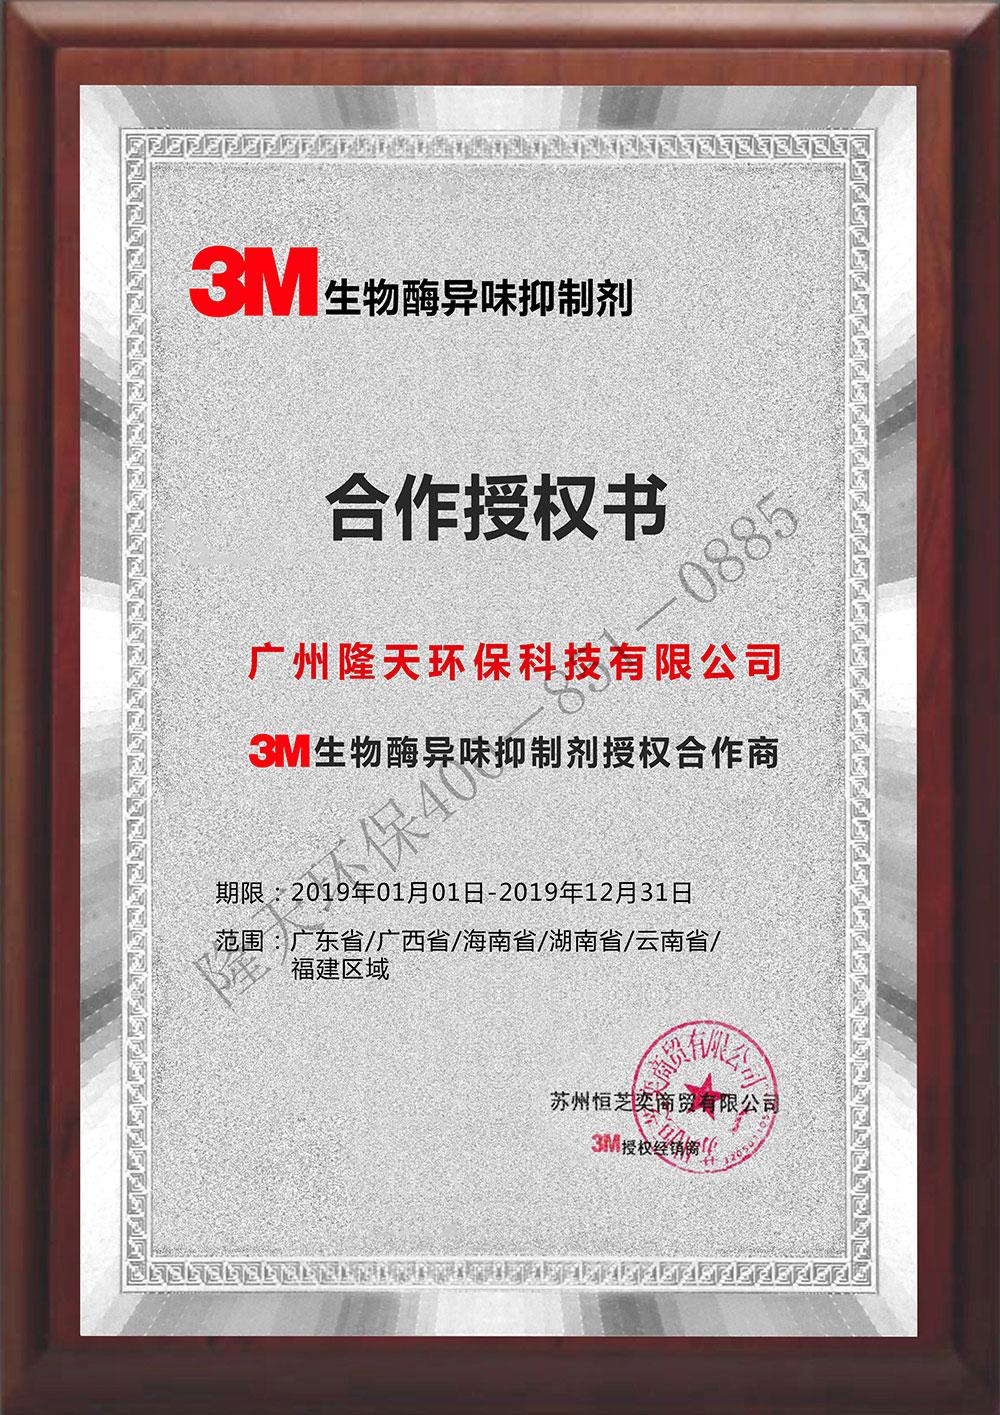 3M生物酶授权证书